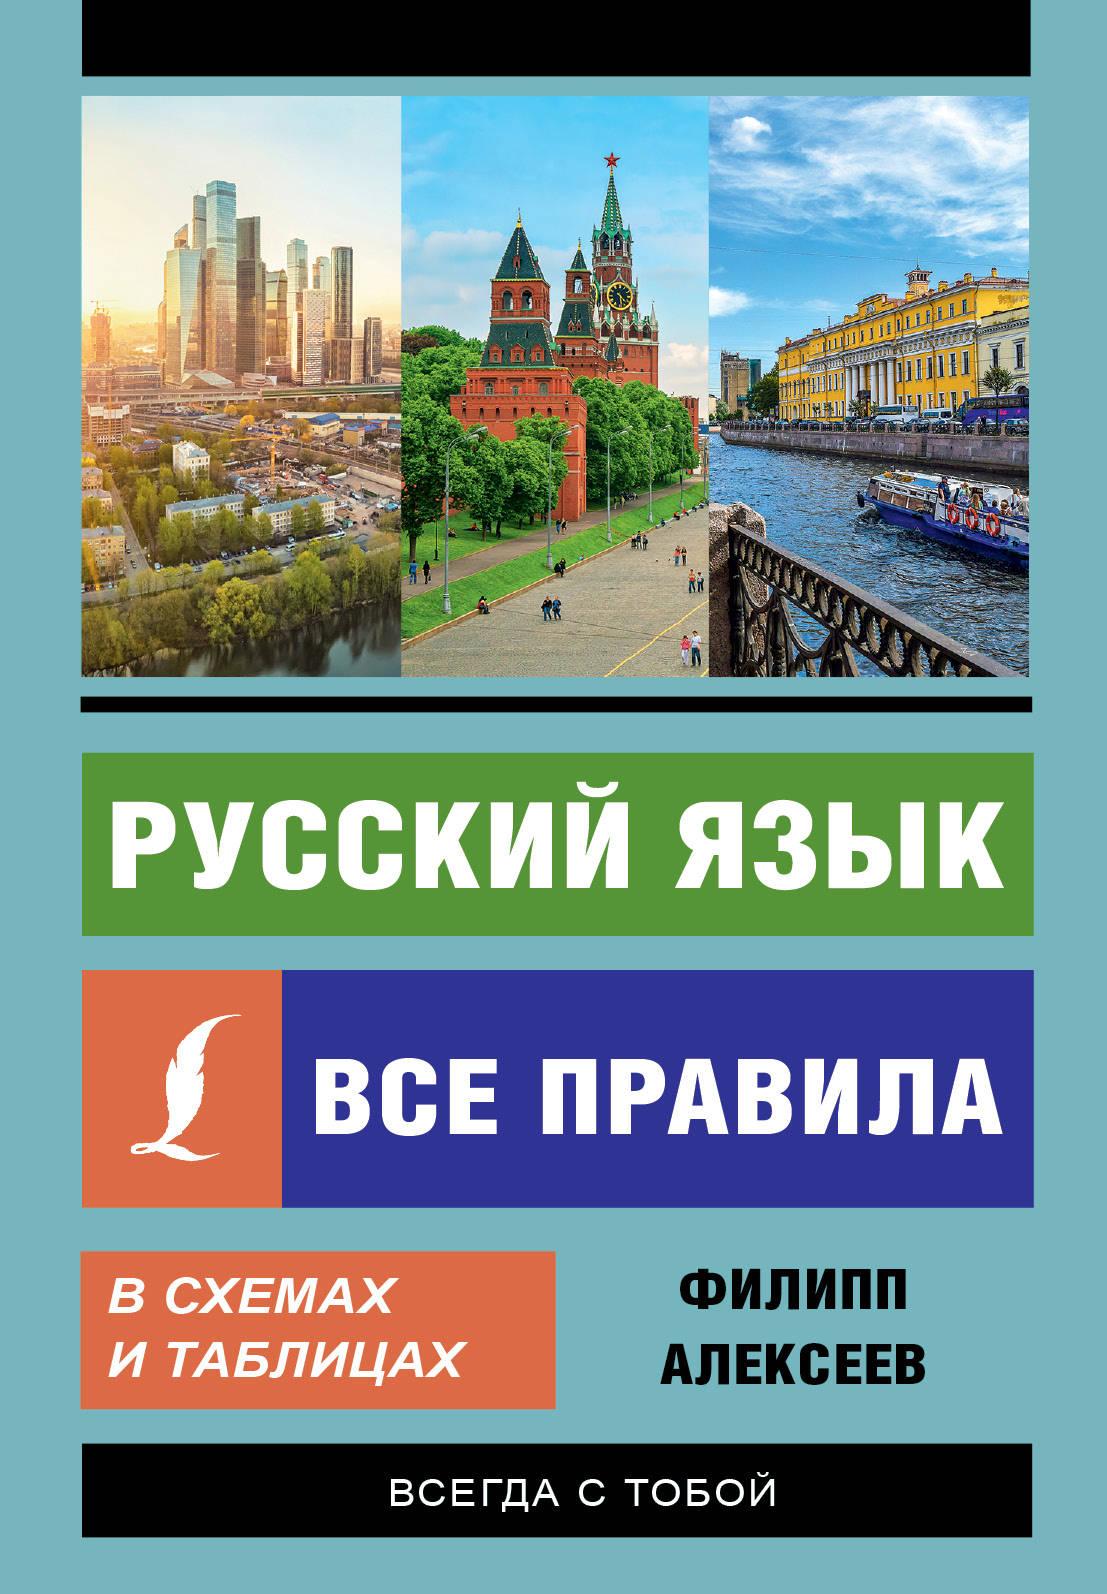 Филипп Алексеев Русский язык. Все правила в схемах и таблицах